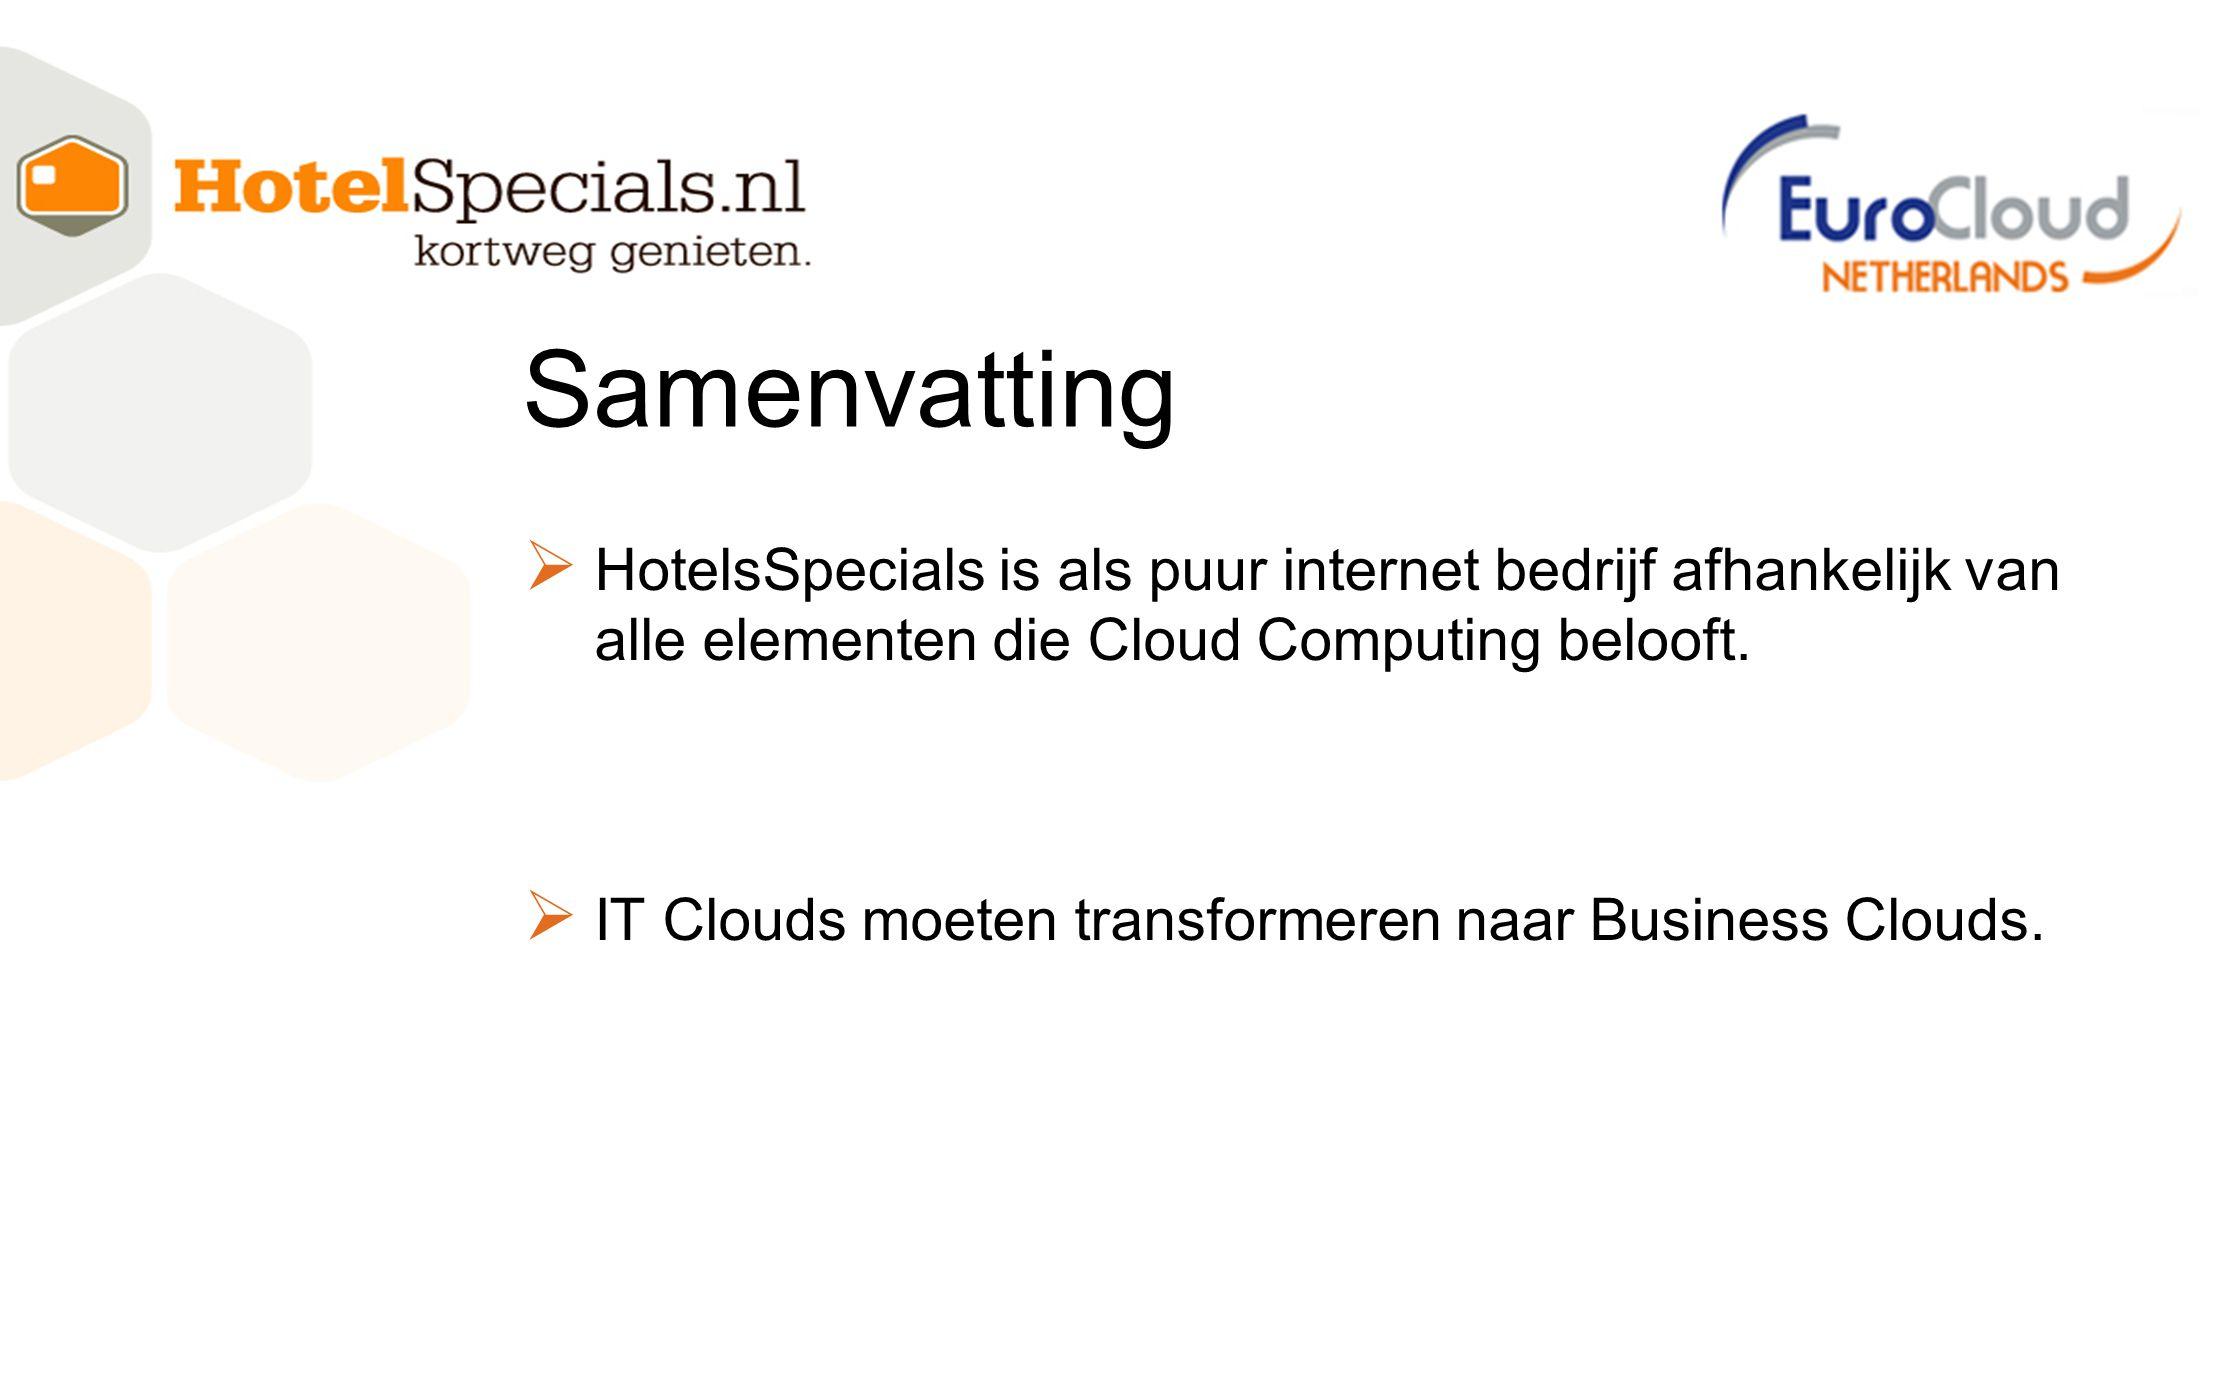  HotelsSpecials is als puur internet bedrijf afhankelijk van alle elementen die Cloud Computing belooft.